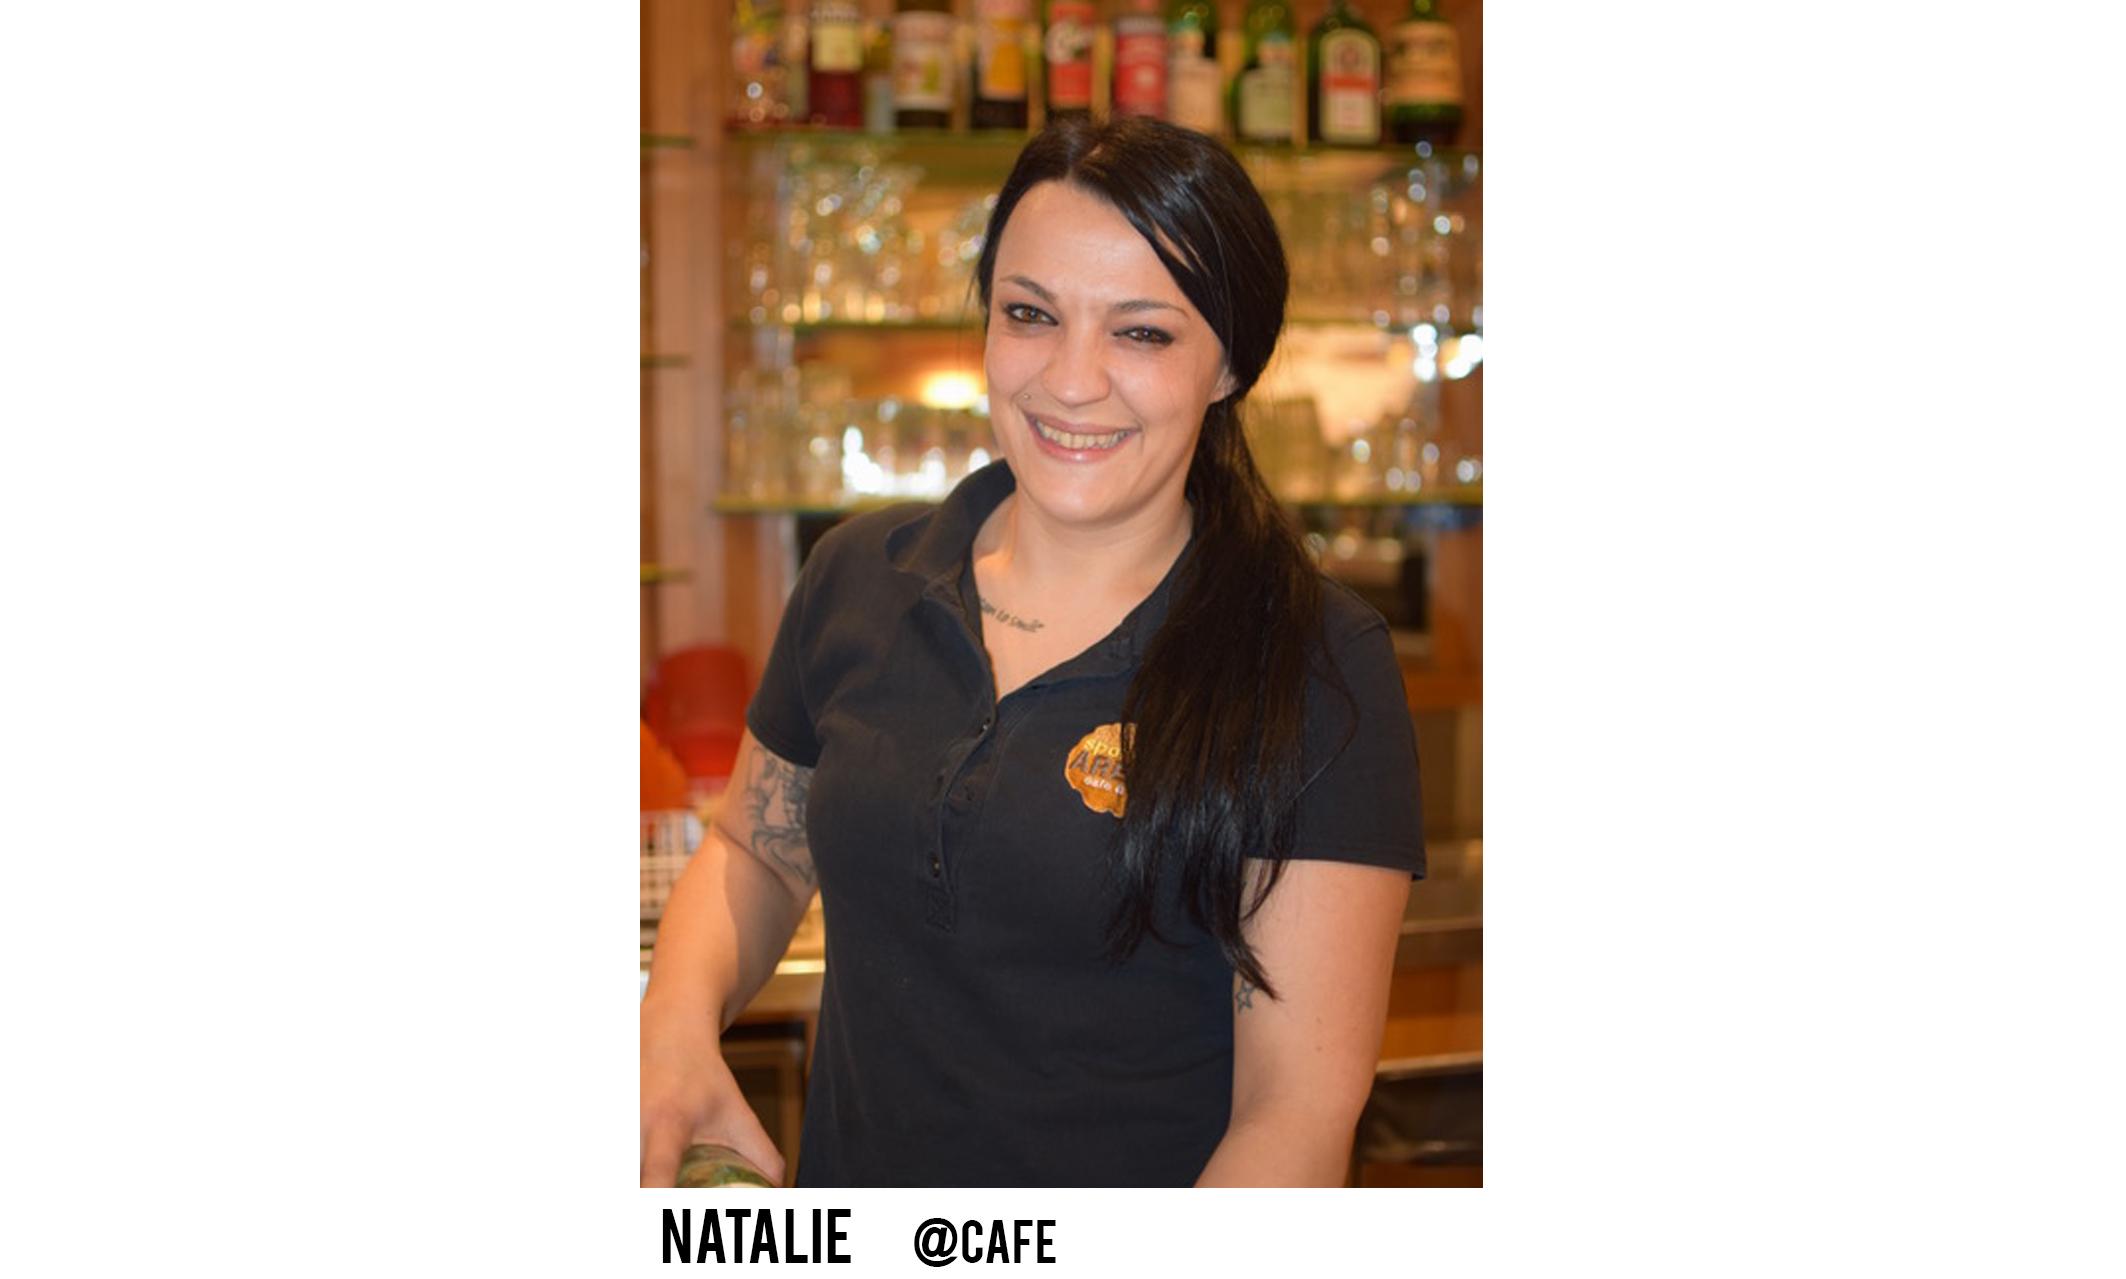 natalie_cafe